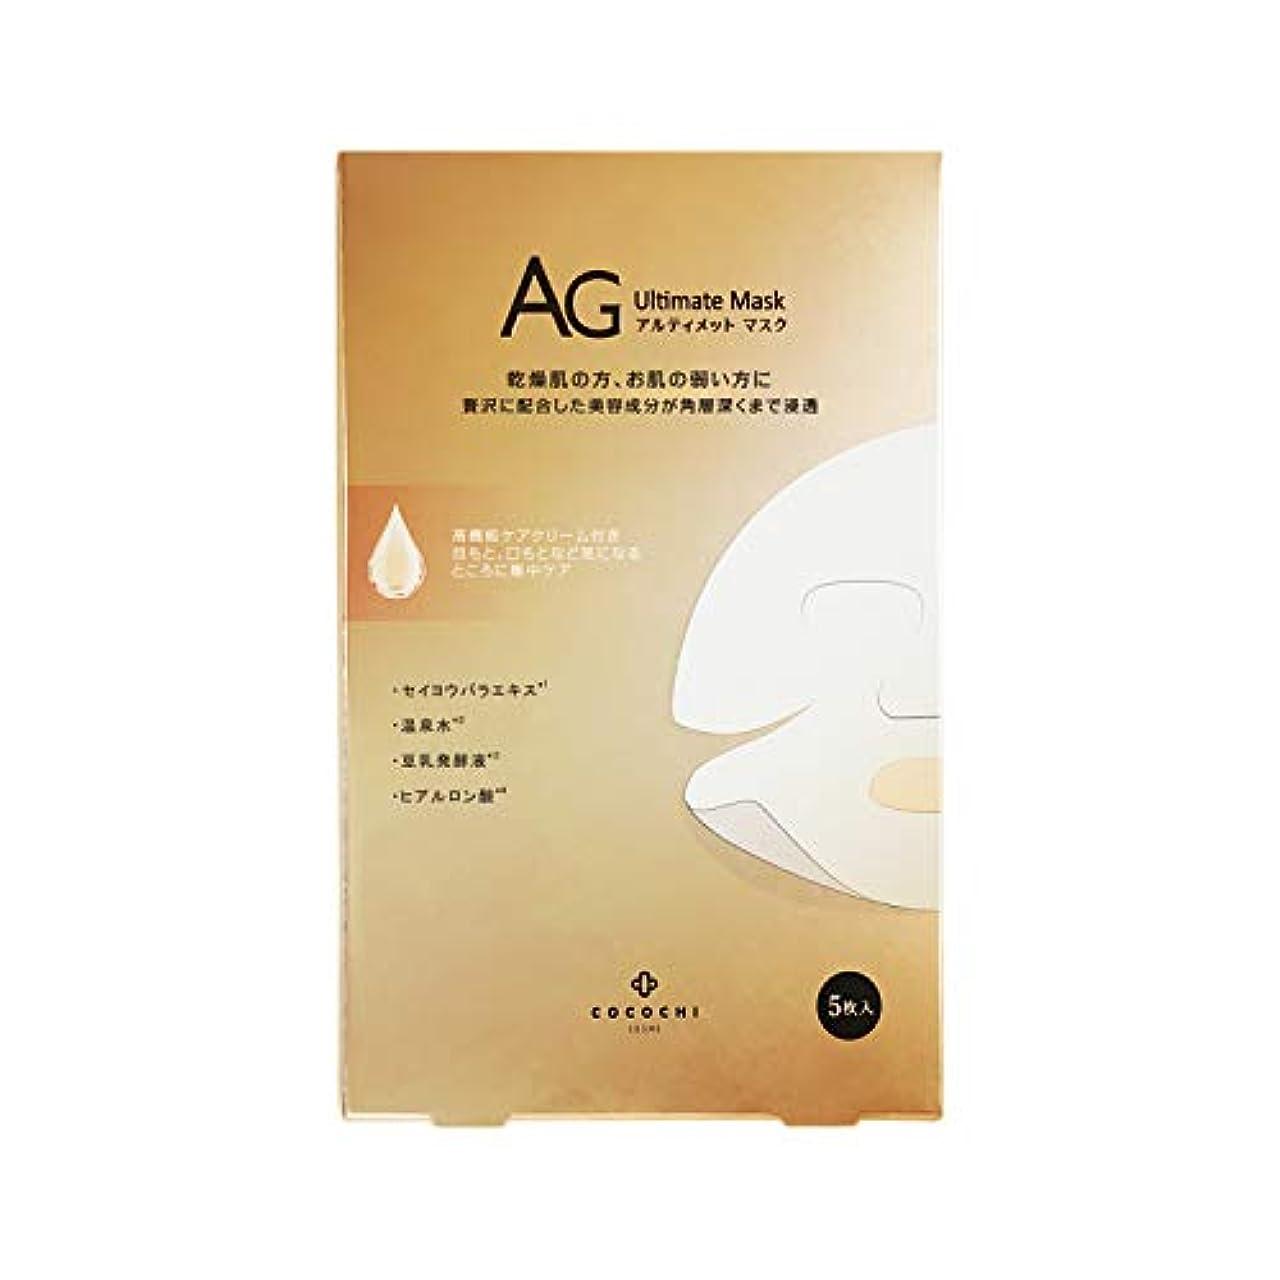 用心在庫スカートエージーアルティメット(AGアルティメット) エージーアルティメットマスク フェイスマスク 5